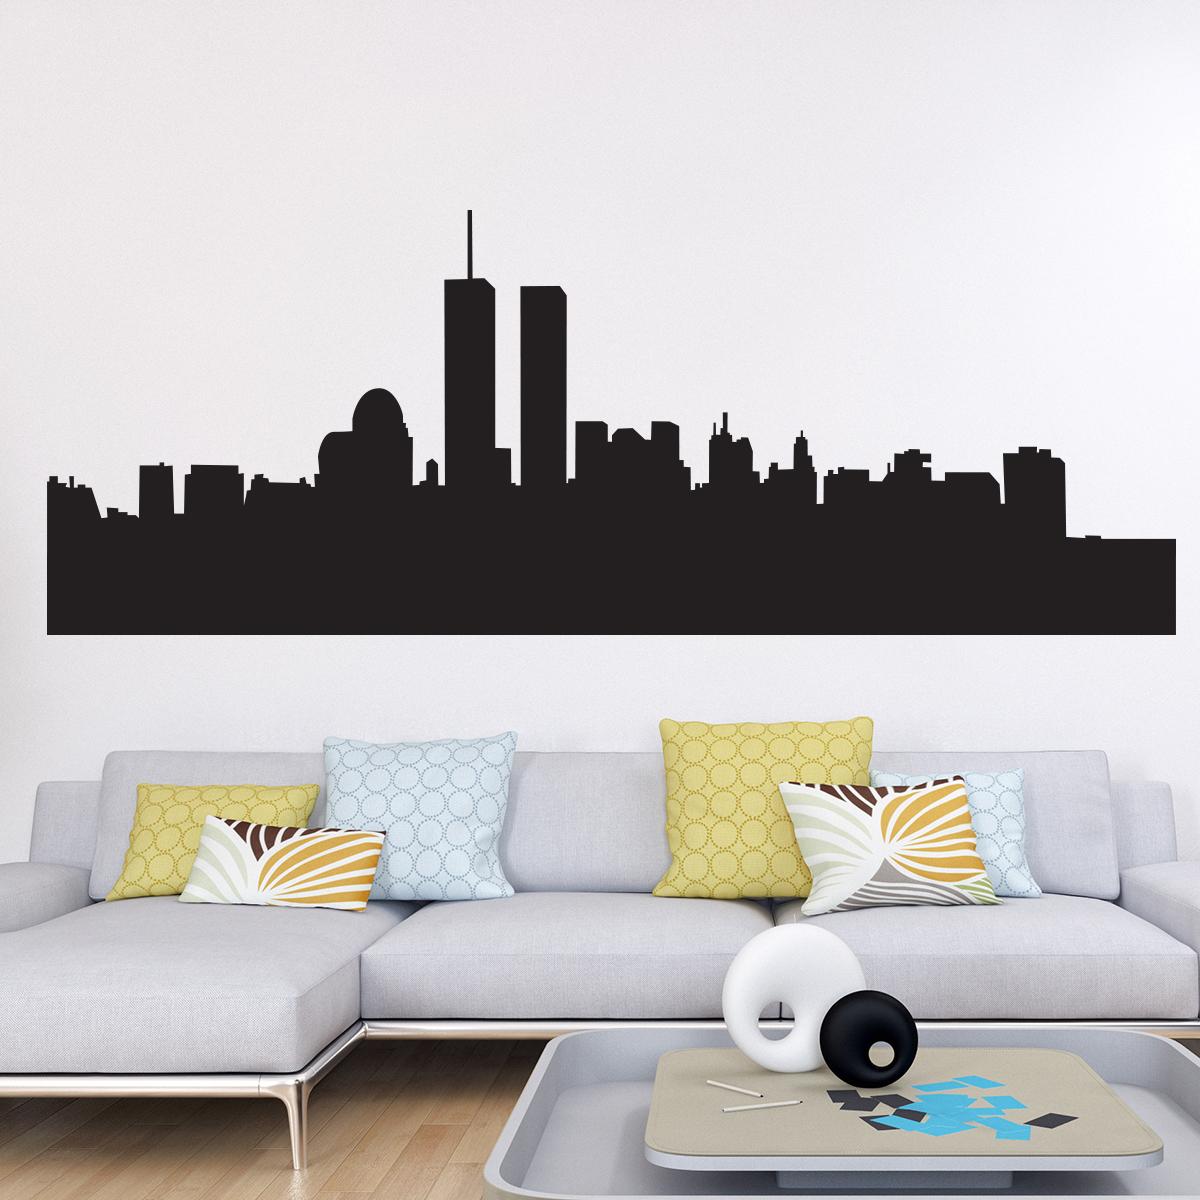 Schön Wandtattoo New York Referenz Von Stickers-new-york-et-ses-immeubles-2-ambiance-sticker-pays_et_villes_002.jpg